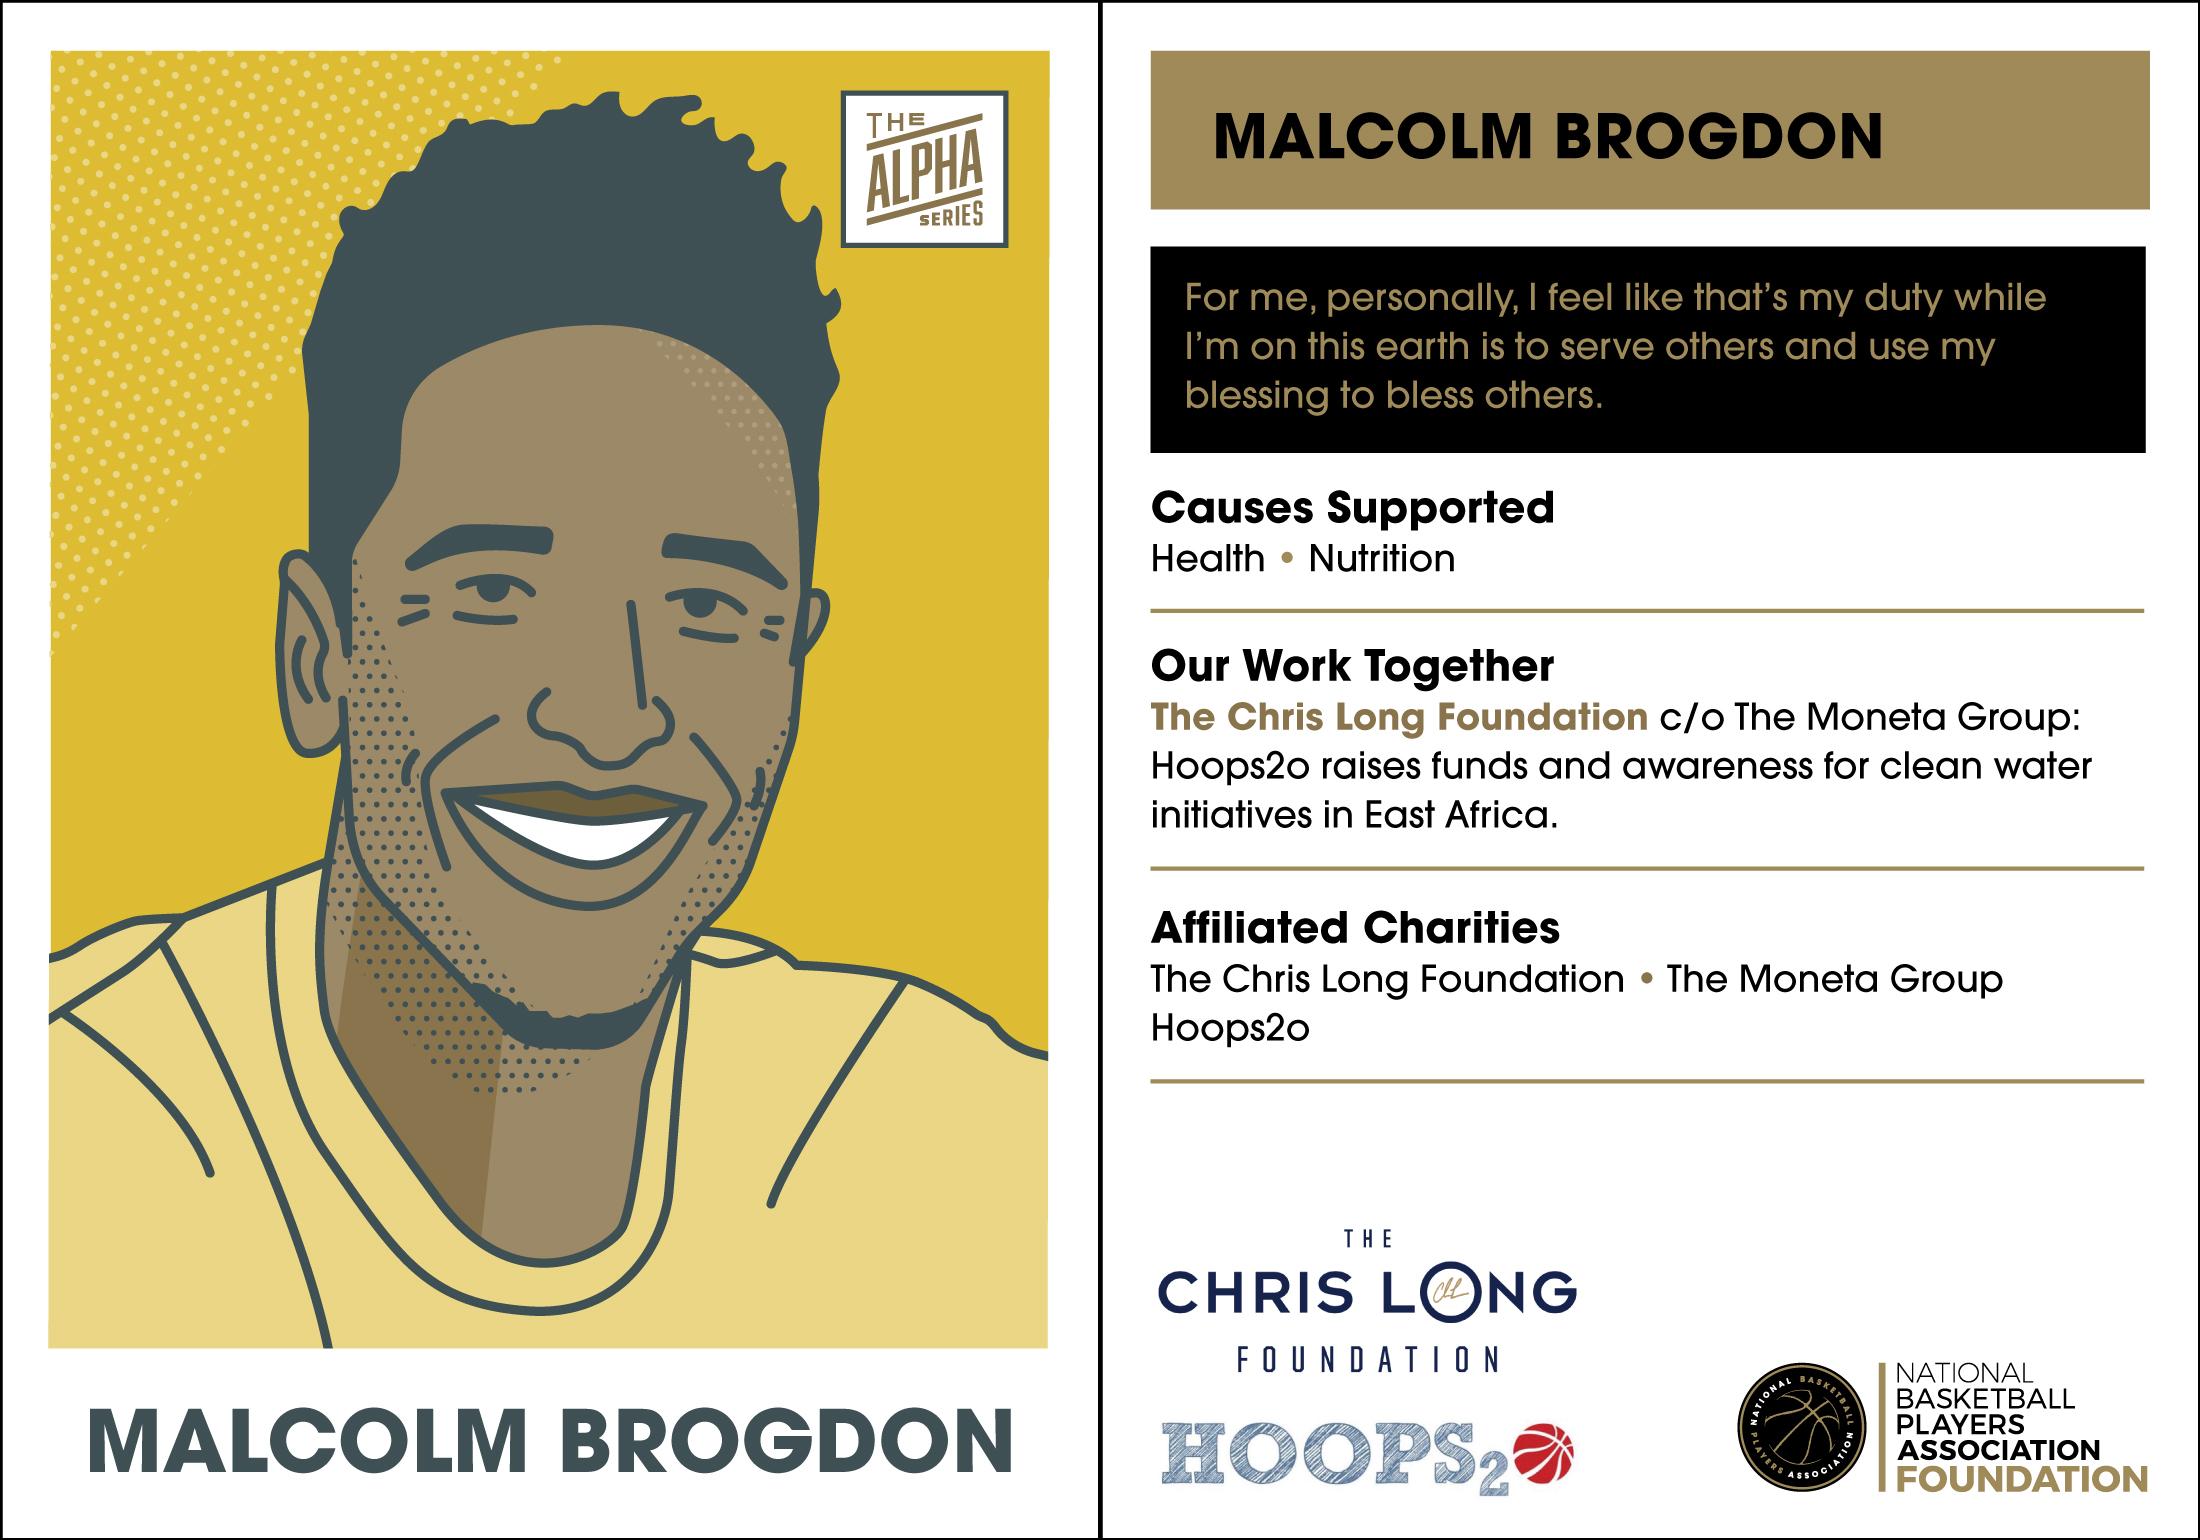 PC-Malcom-Brogdon.jpg